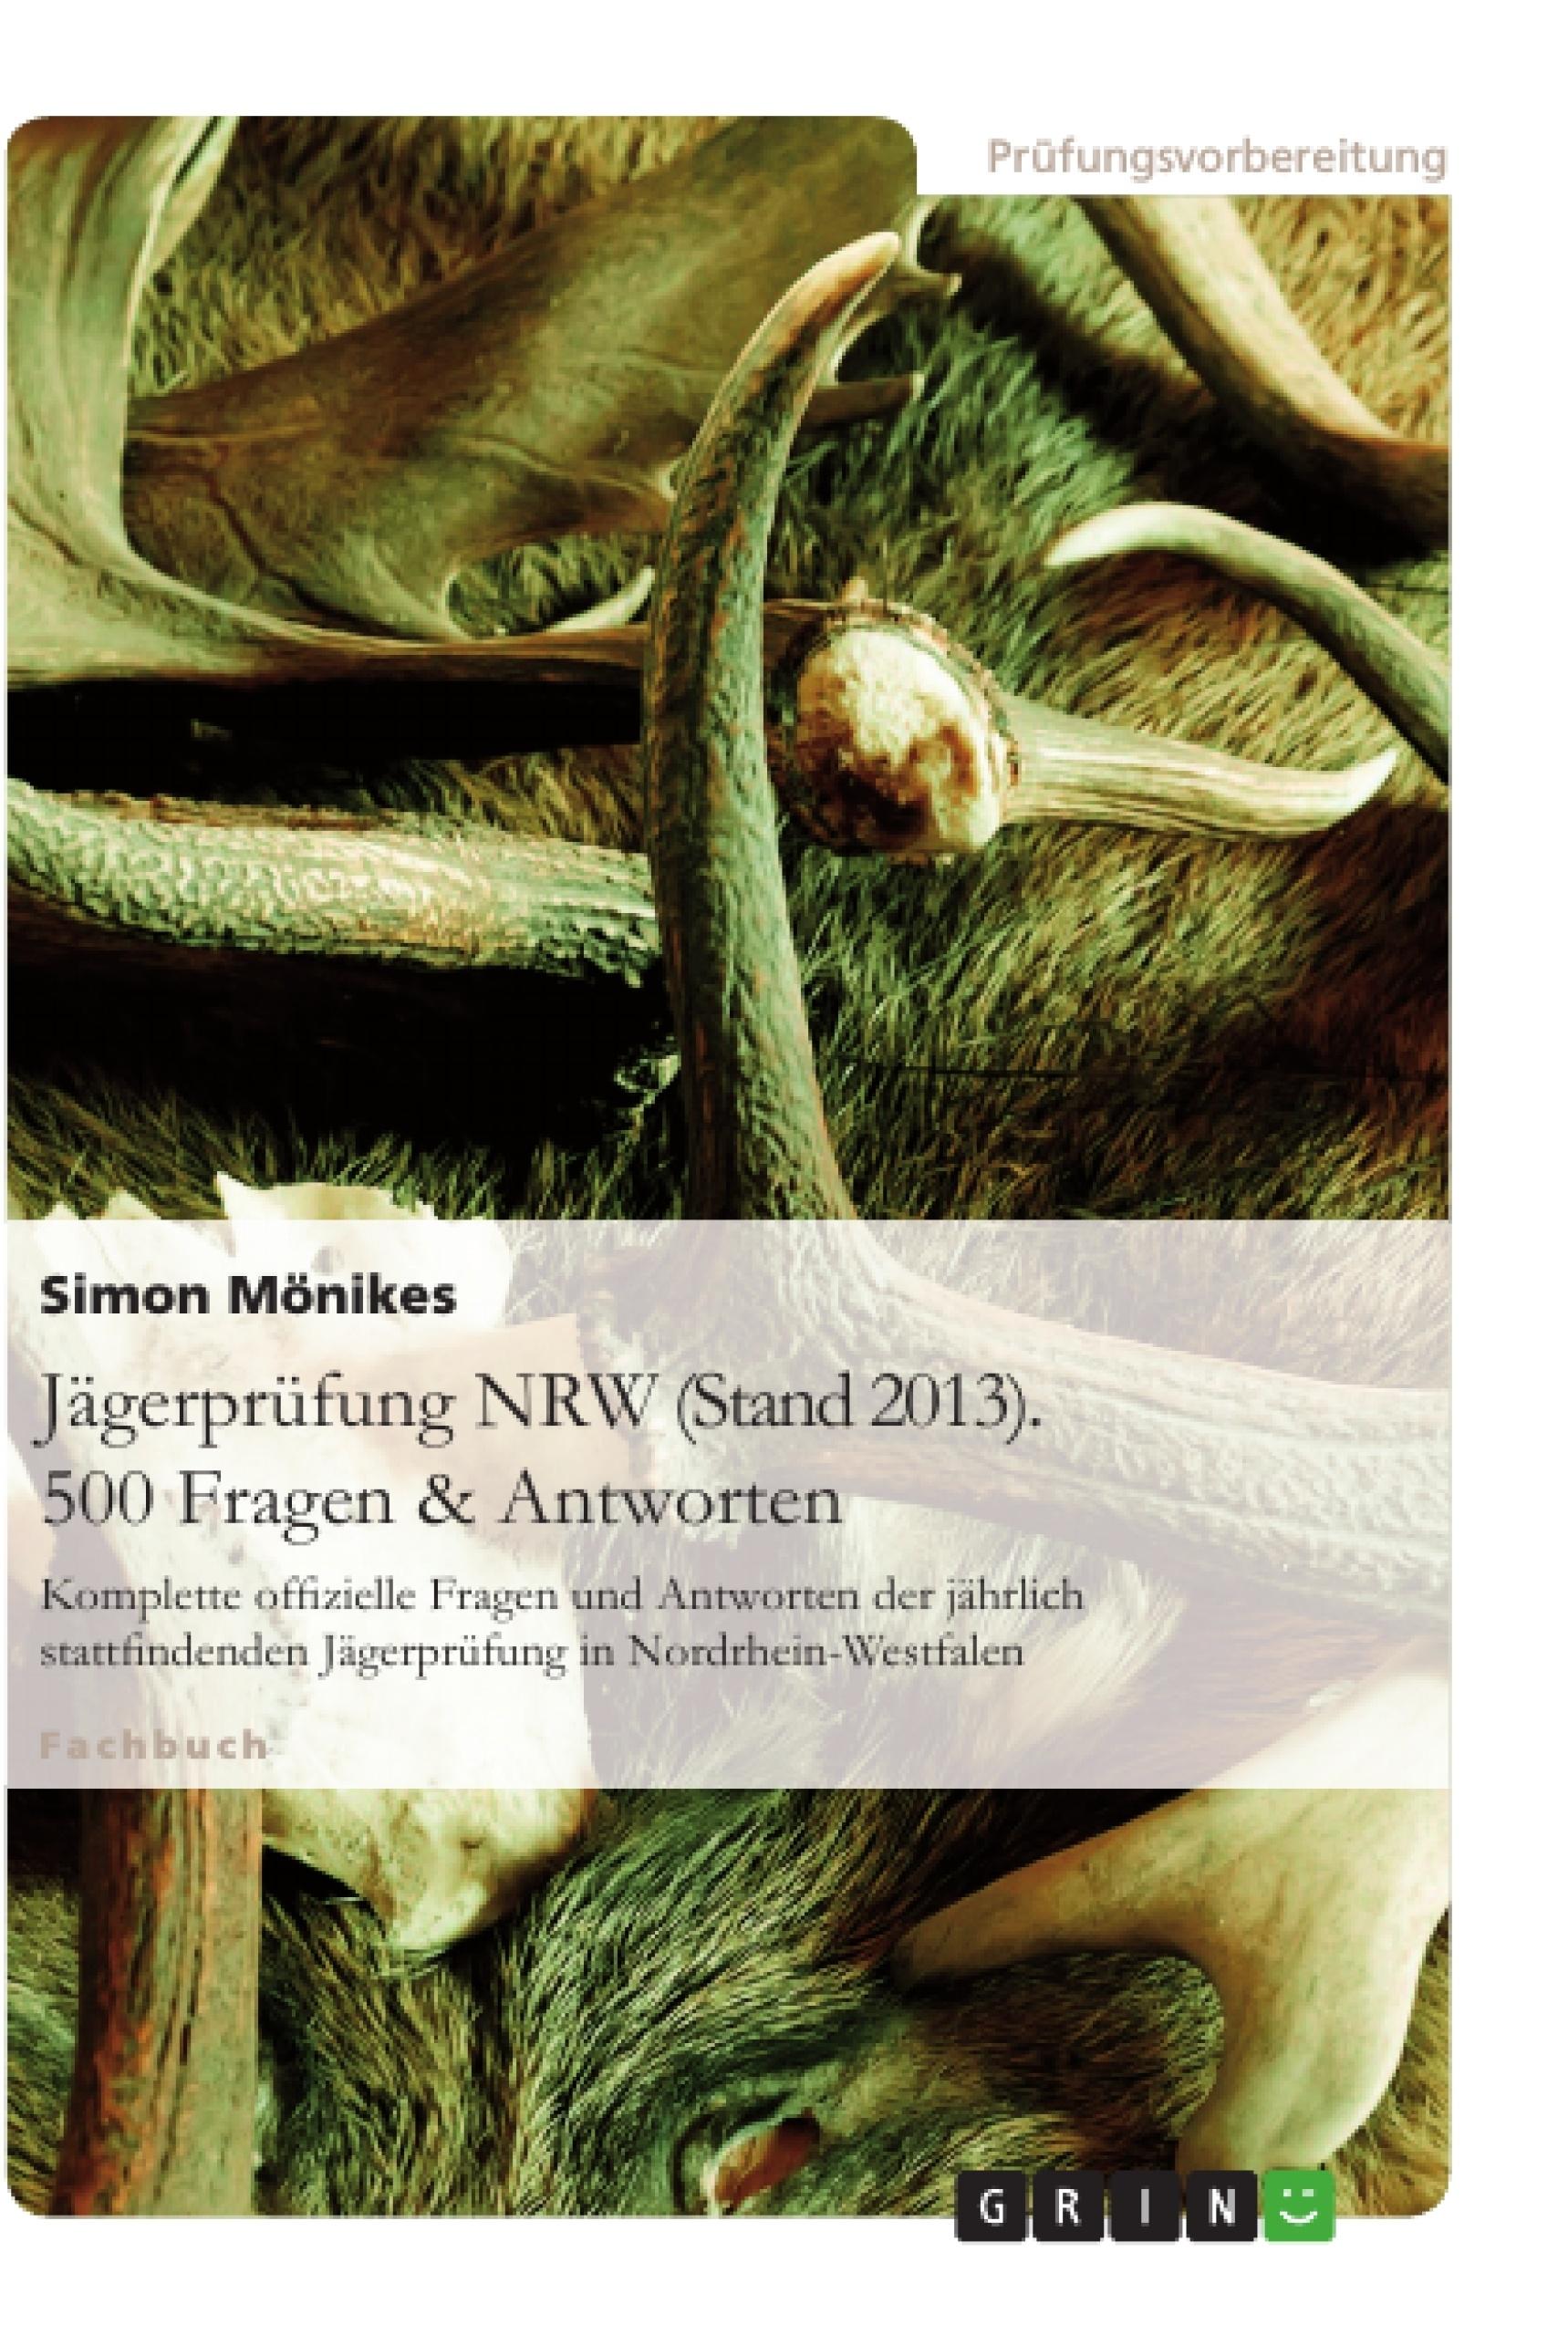 Titel: Jägerprüfung NRW (Stand 2013). 500 Fragen & Antworten